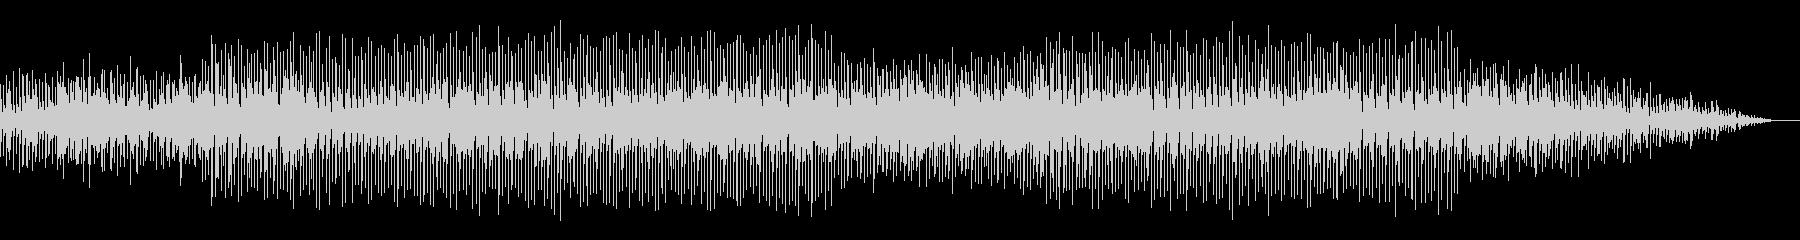 電脳世界の迷宮に迷い込んだ感覚のBGMの未再生の波形